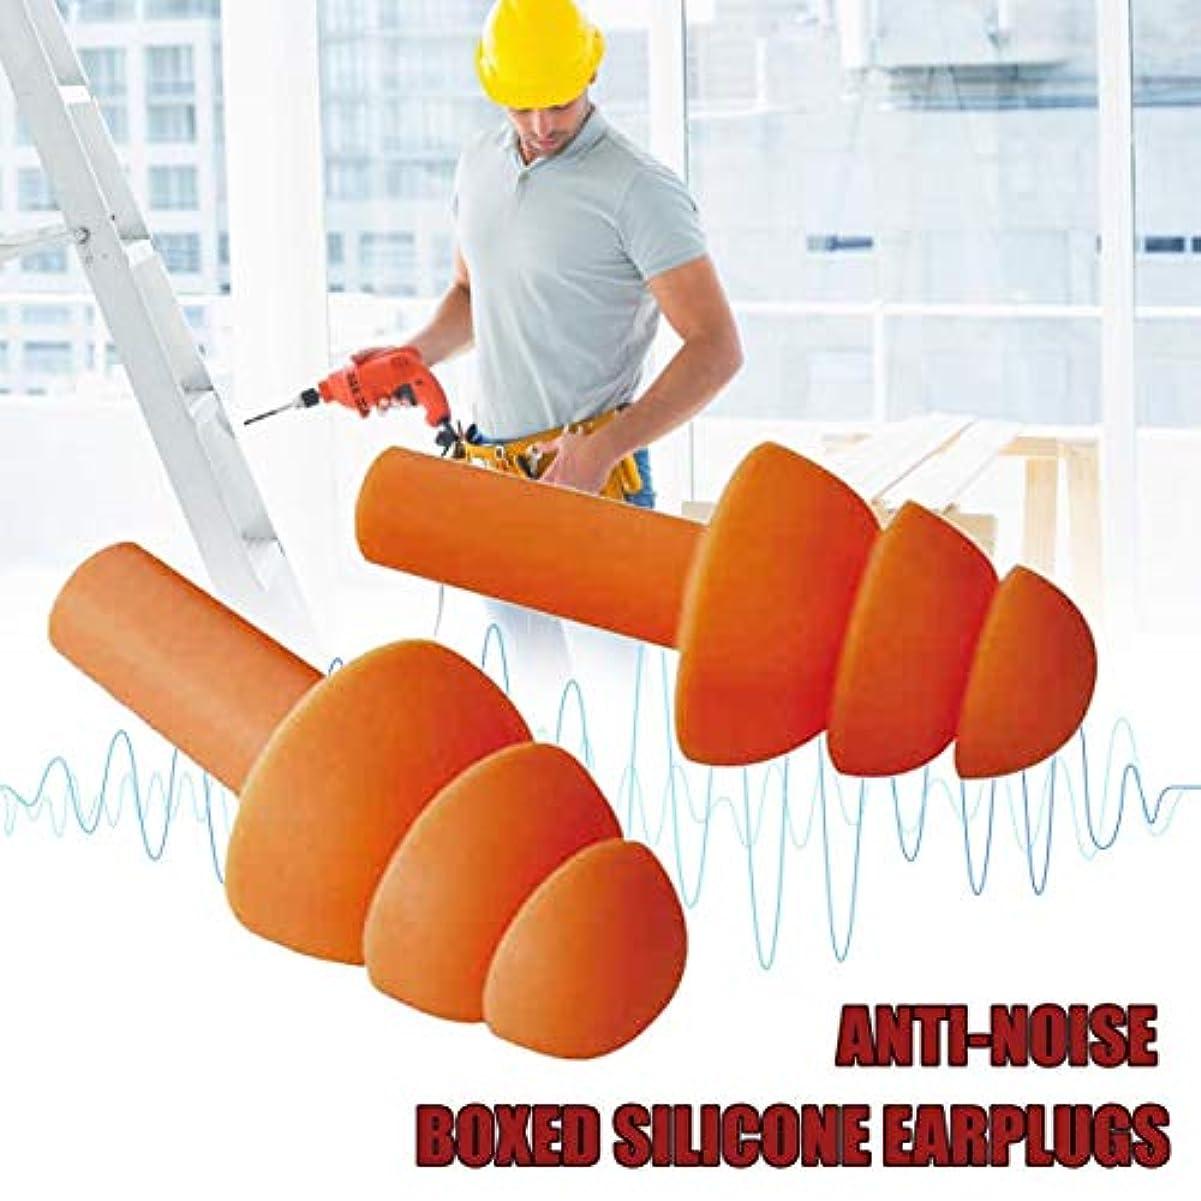 強い迷彩味わう柔らかいシリコーンの耳栓の健全な絶縁材の耳の保護の耳栓の騒音低減の収納箱が付いている睡眠のプラグ